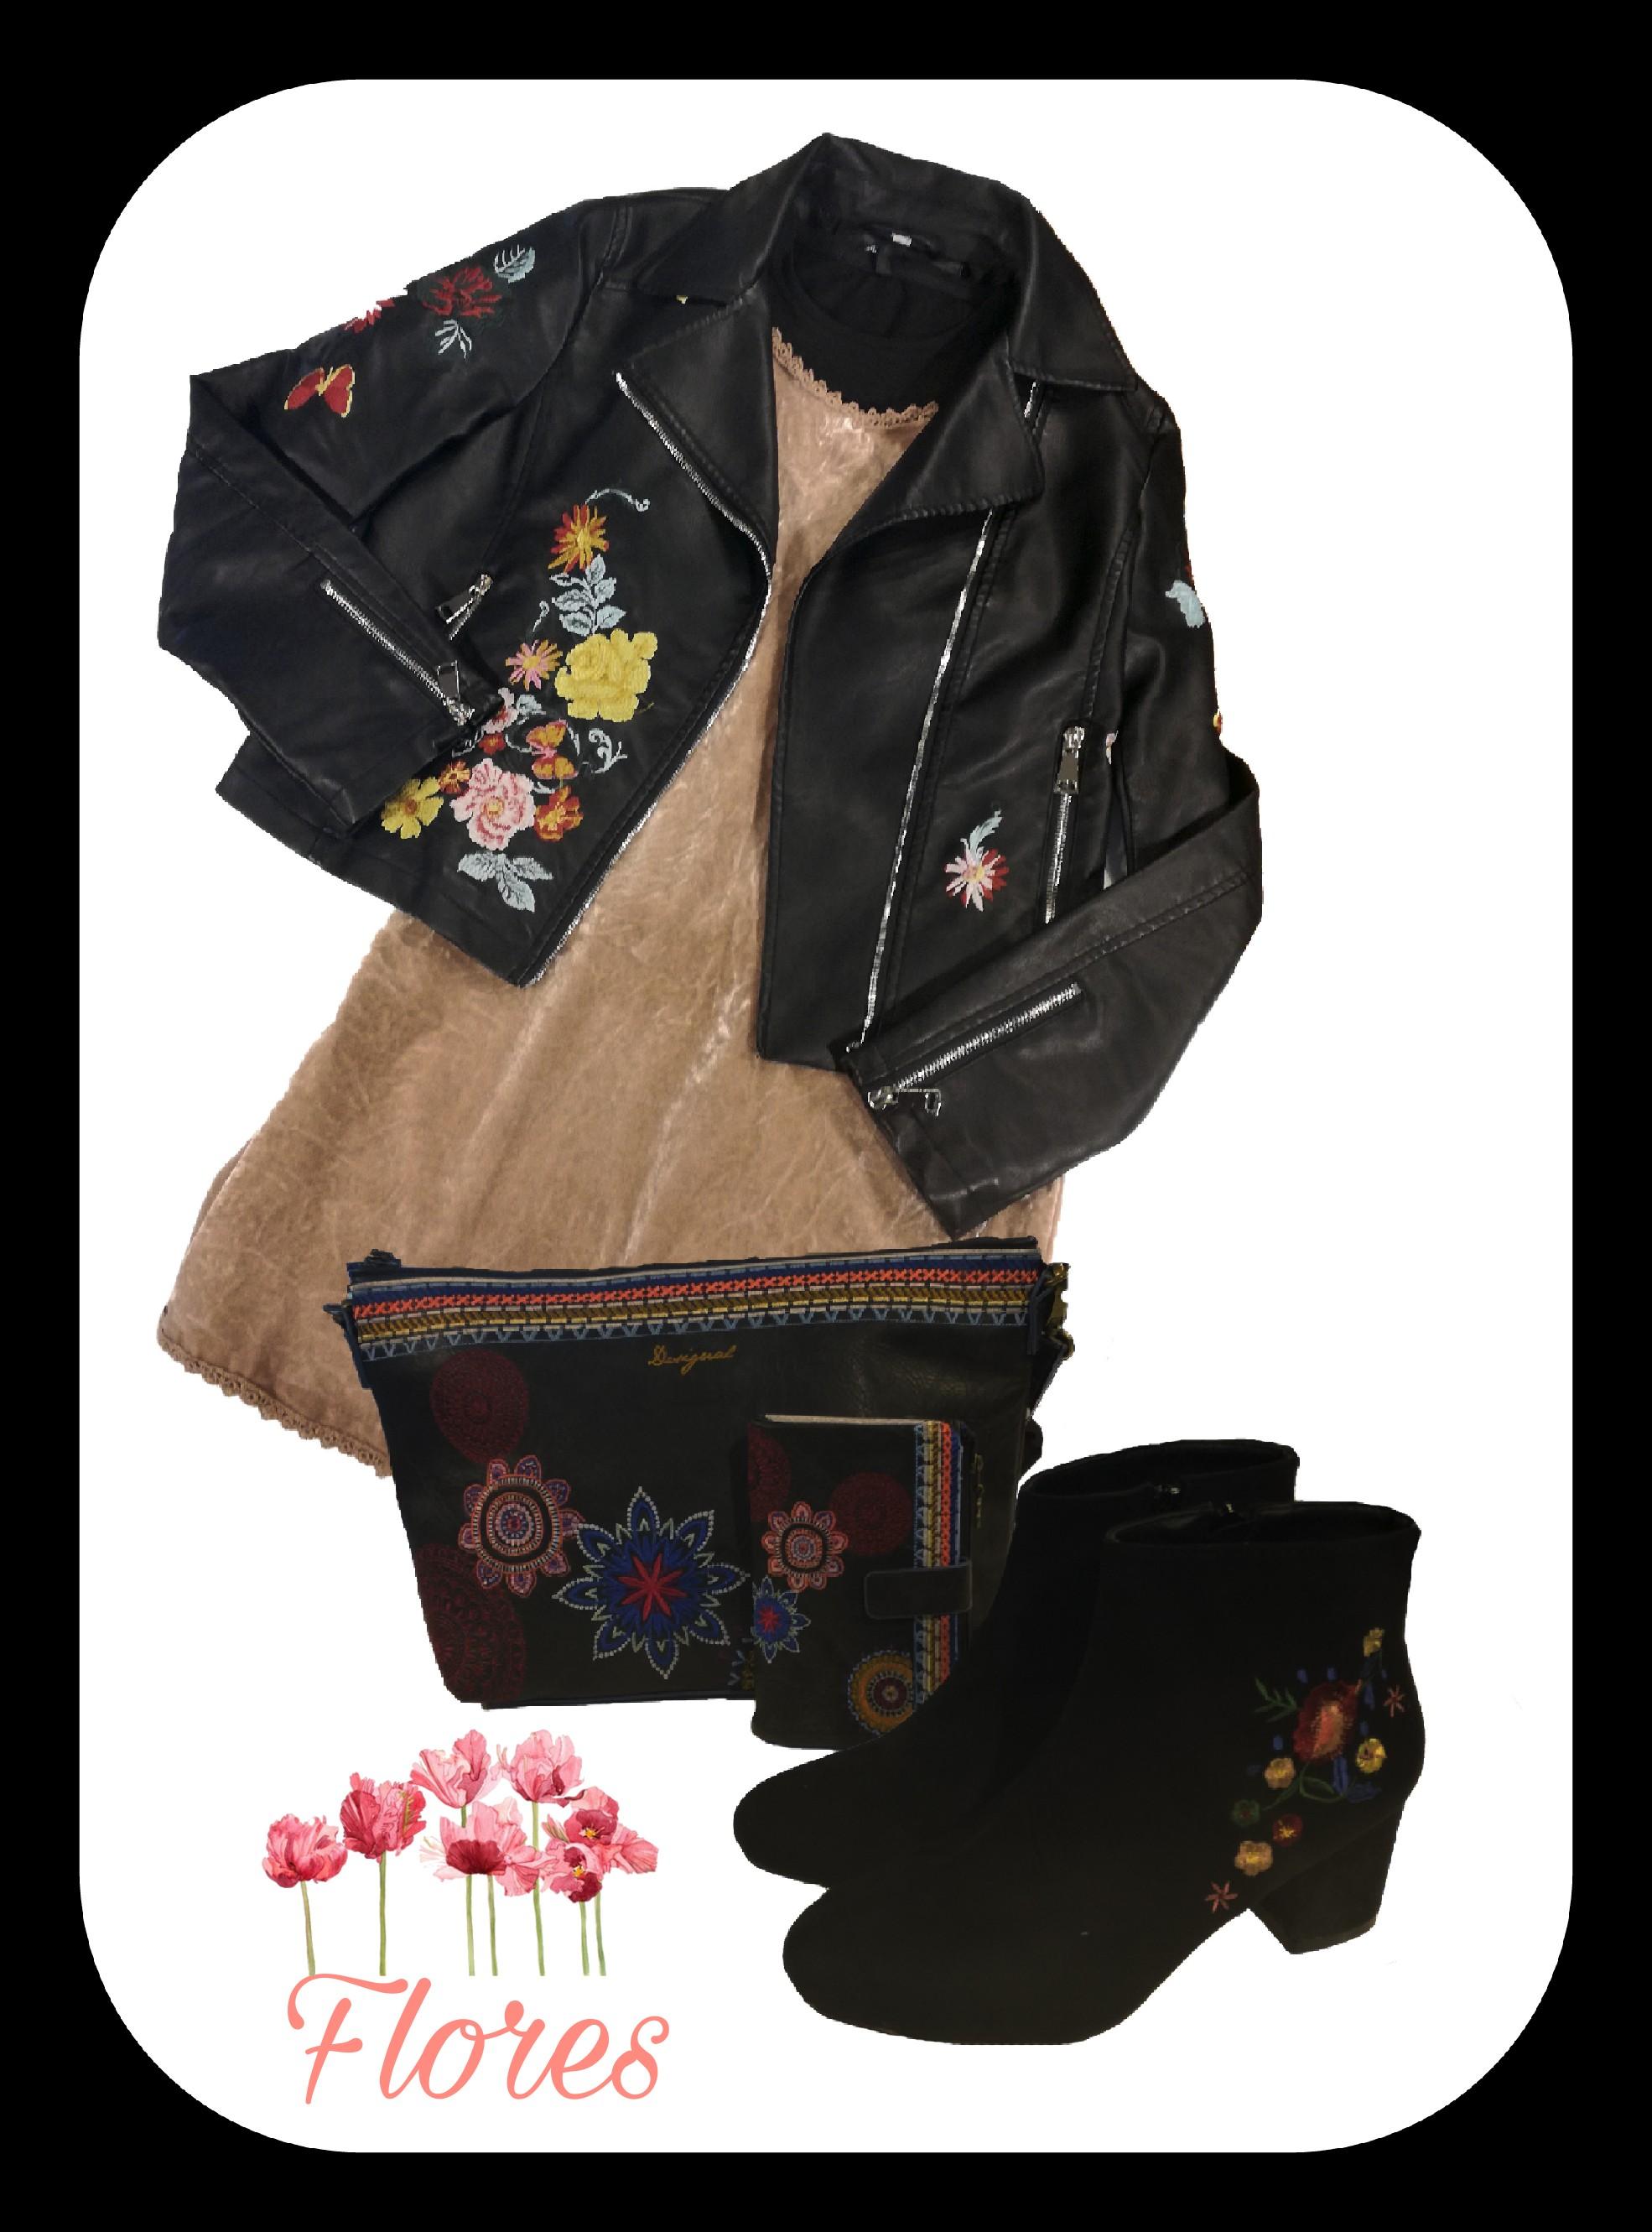 Las flores también son tendencia este invierno!! 🌺🌷🌻Os dejamos el look que hemos preparado para hoy!! Ven a vernos y disfruta comprando!!! #flores #tendencia #moda #ropa #zapatos #albacete